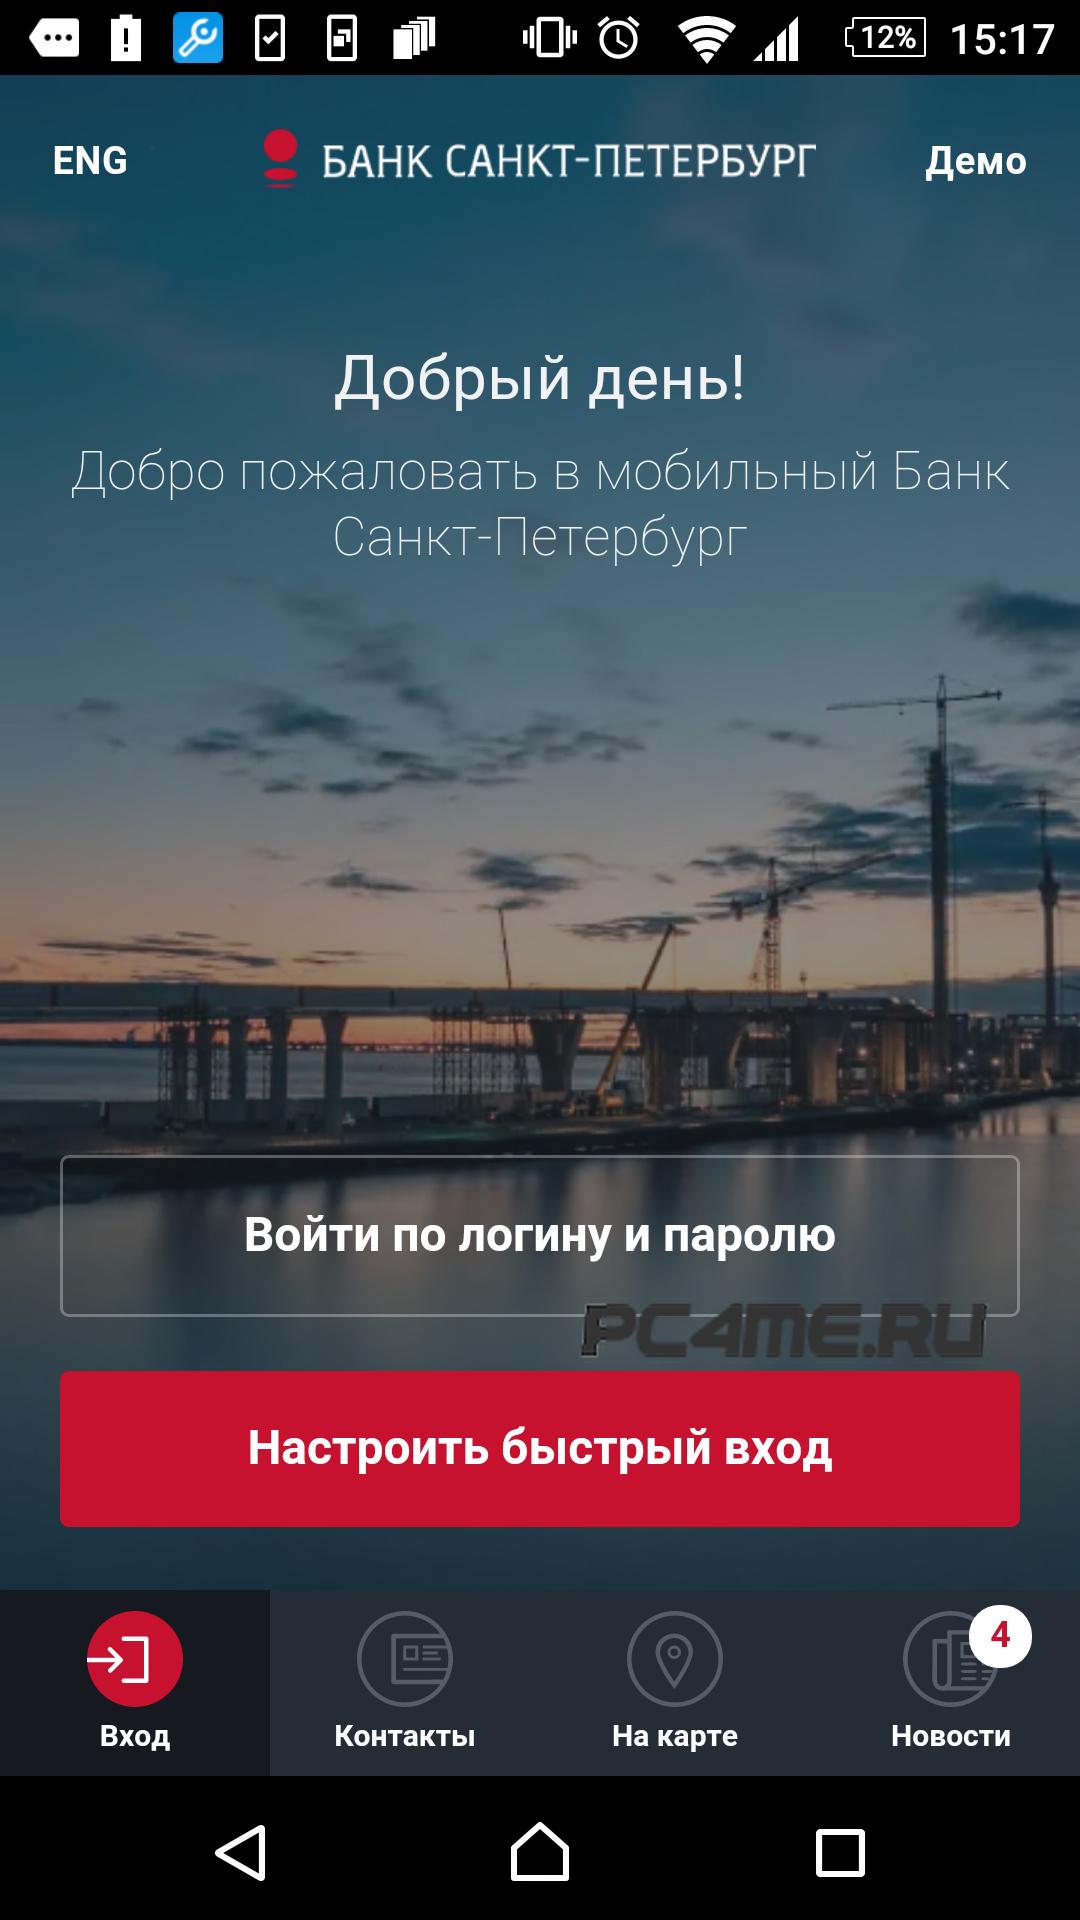 ОТП банк кредит наличными: отзывы клиентов